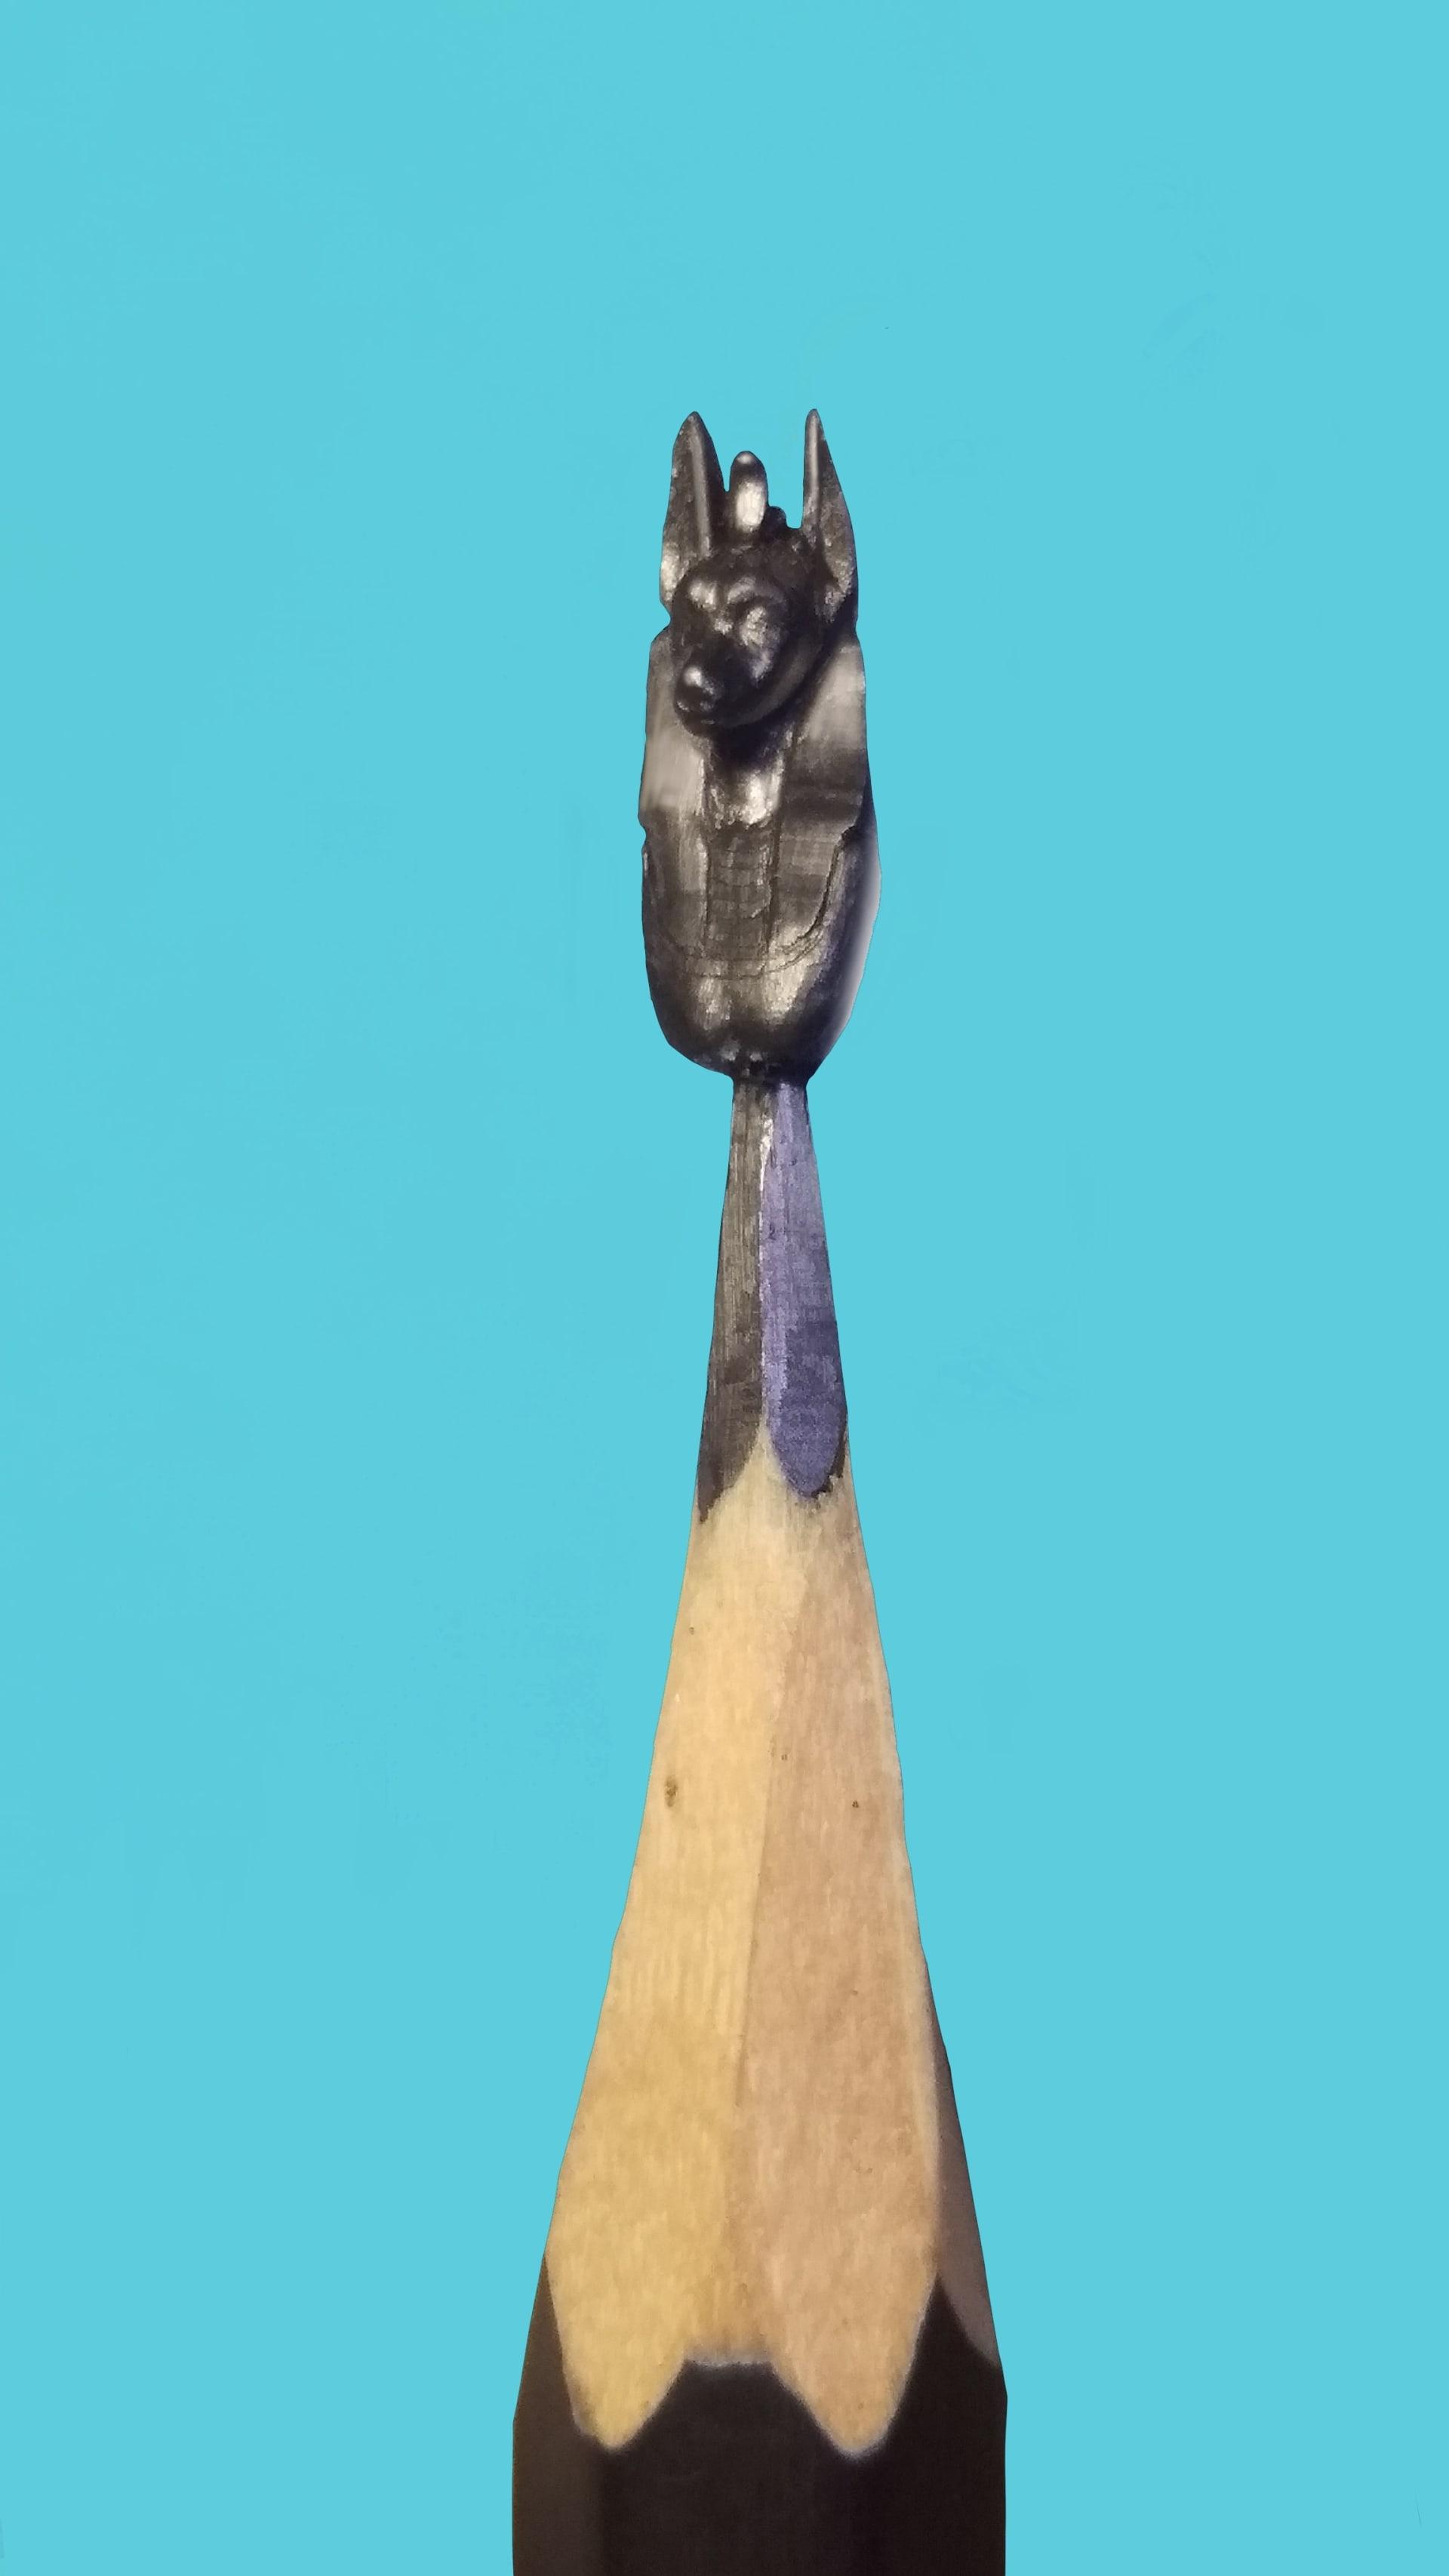 """منها """"رأس نفرتيتي"""" و""""حجر رشيد""""..منحوتات تجسد آثار مصرية بارزة على سن قلم رصاص"""